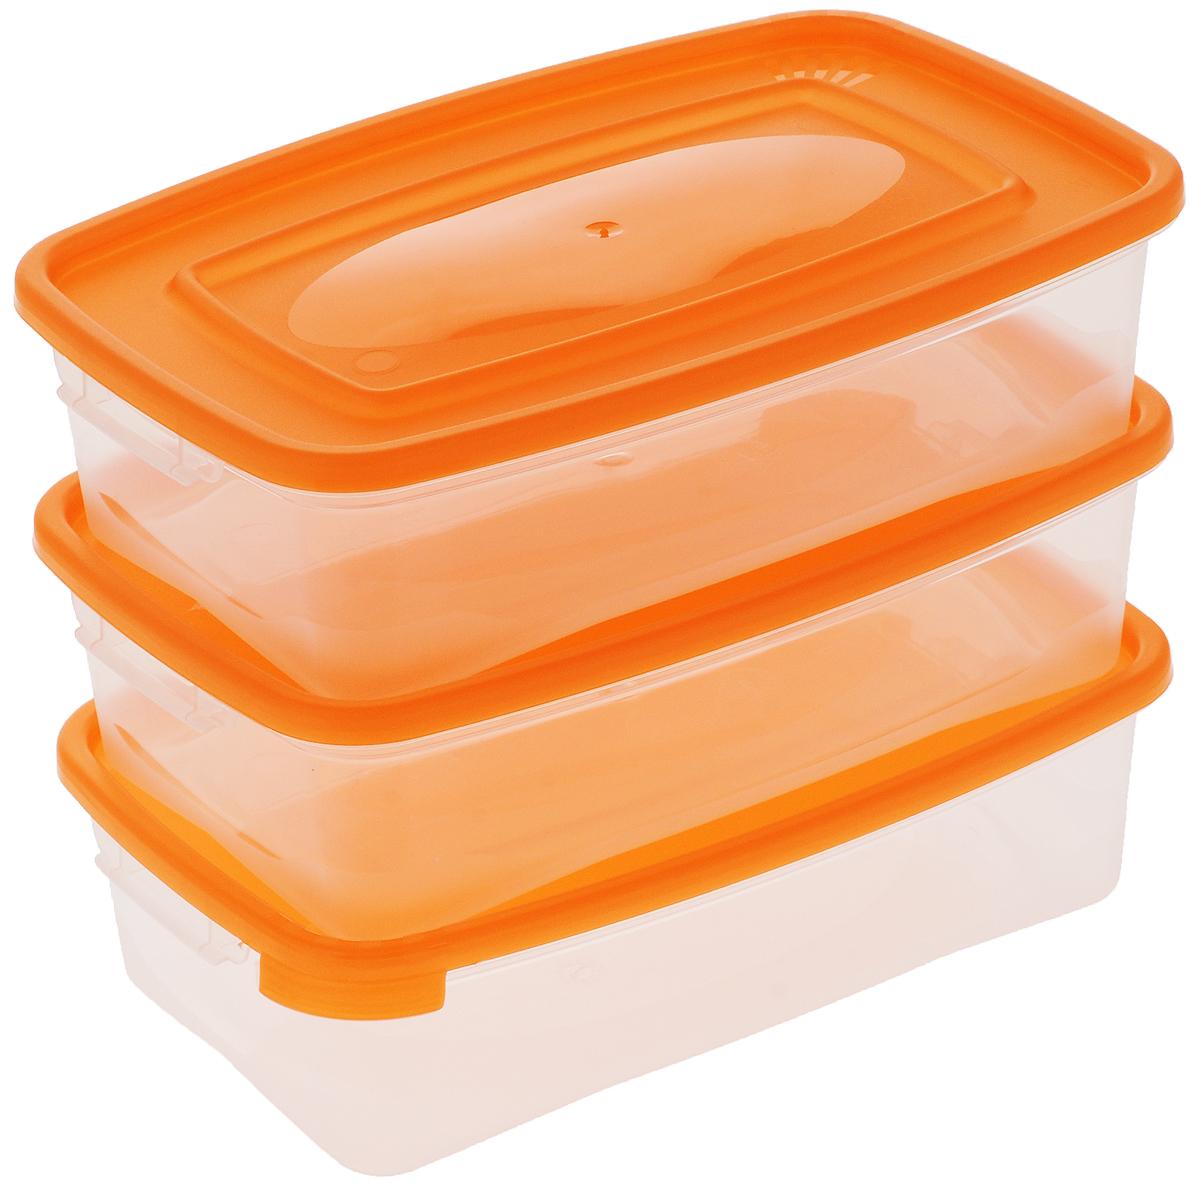 Набор контейнеров Полимербыт Каскад, цвет: оранжевый, прозрачный, 700 мл, 3 штС54001_оранжевыйНабор контейнеров Полимербыт Каскад изготовлен из высококачественного прочного пластика, устойчивого к высоким температурам. Стенки контейнера прозрачные, что позволяет видеть содержимое. Цветная полупрозрачная крышка плотно закрывается. Контейнер идеально подходит для хранения пищи, его удобно брать с собой на работу, учебу, пикник или просто использовать для хранения пищи в холодильнике.Можно использовать в микроволновой печи при температуре до +120°С (при открытой крышке) и для заморозки в морозильной камере при температуре до -40°С. Можно мыть в посудомоечной машине.Размер одного контейнера: 18,5 х 12 х 5,5 см.Комплектация: 3 шт.